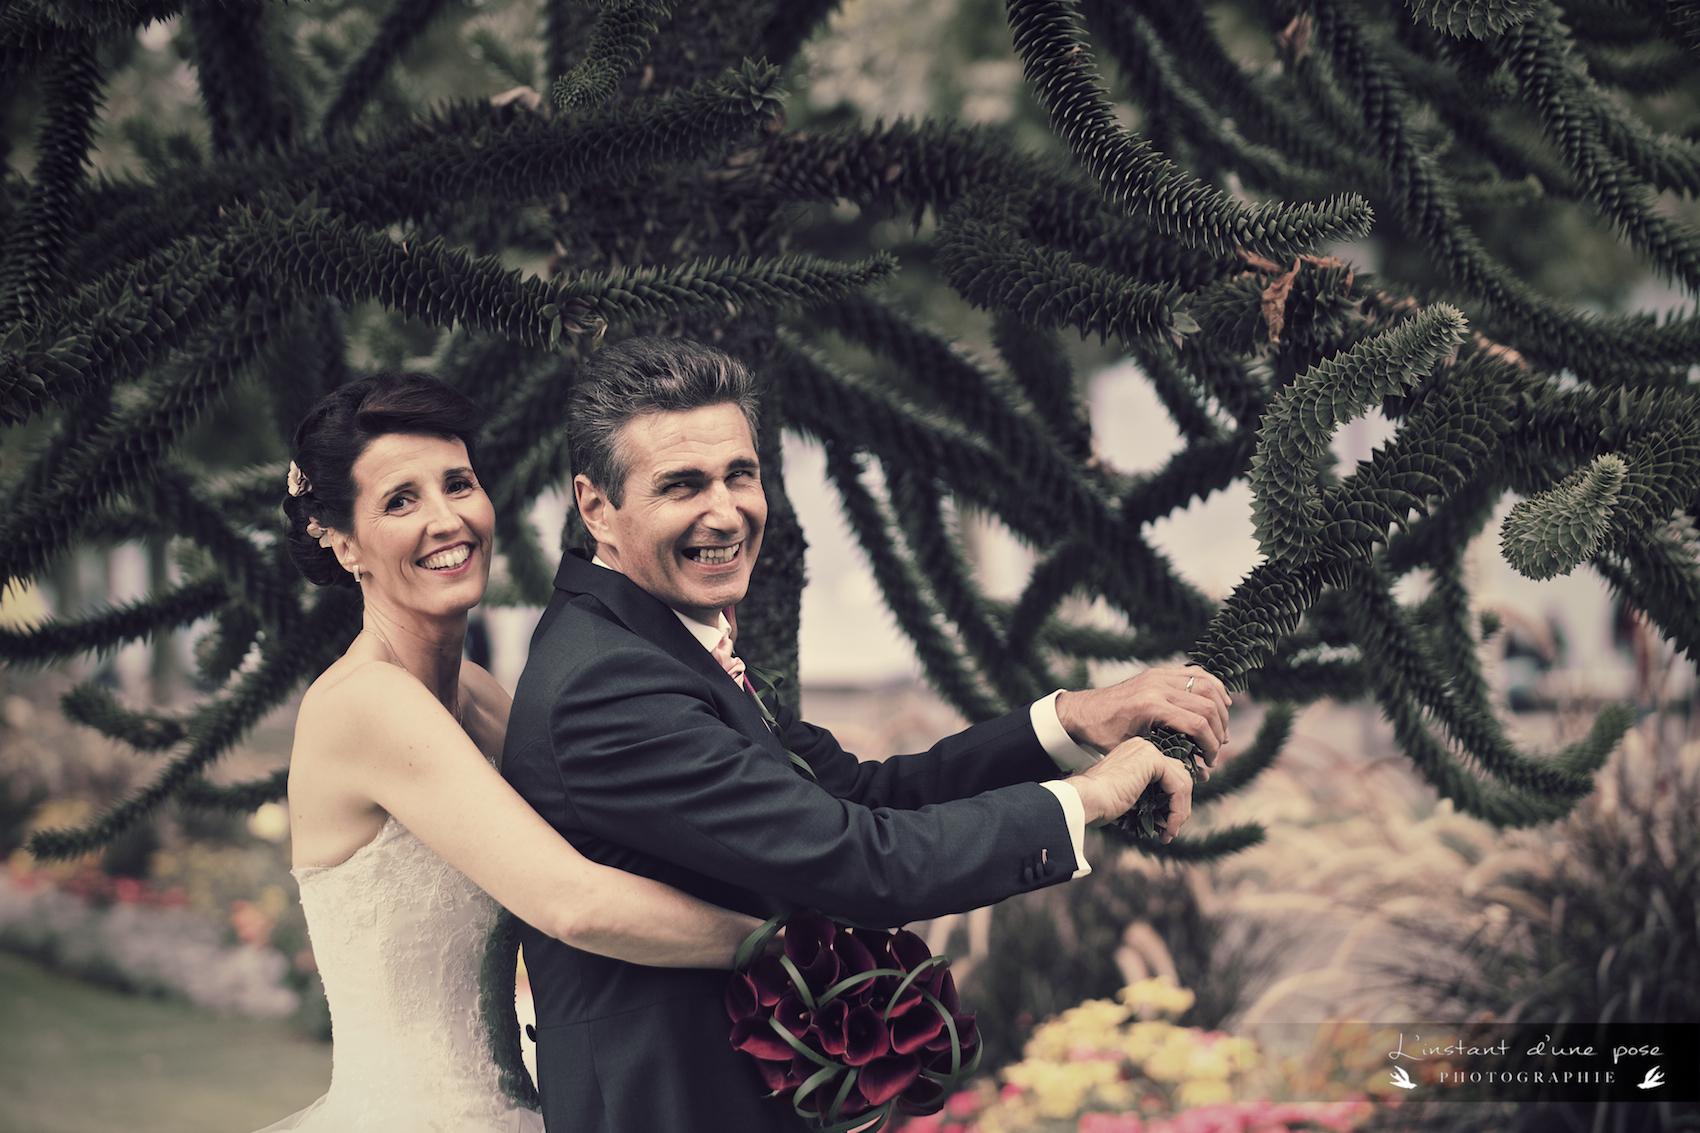 A&N_les mariés 171